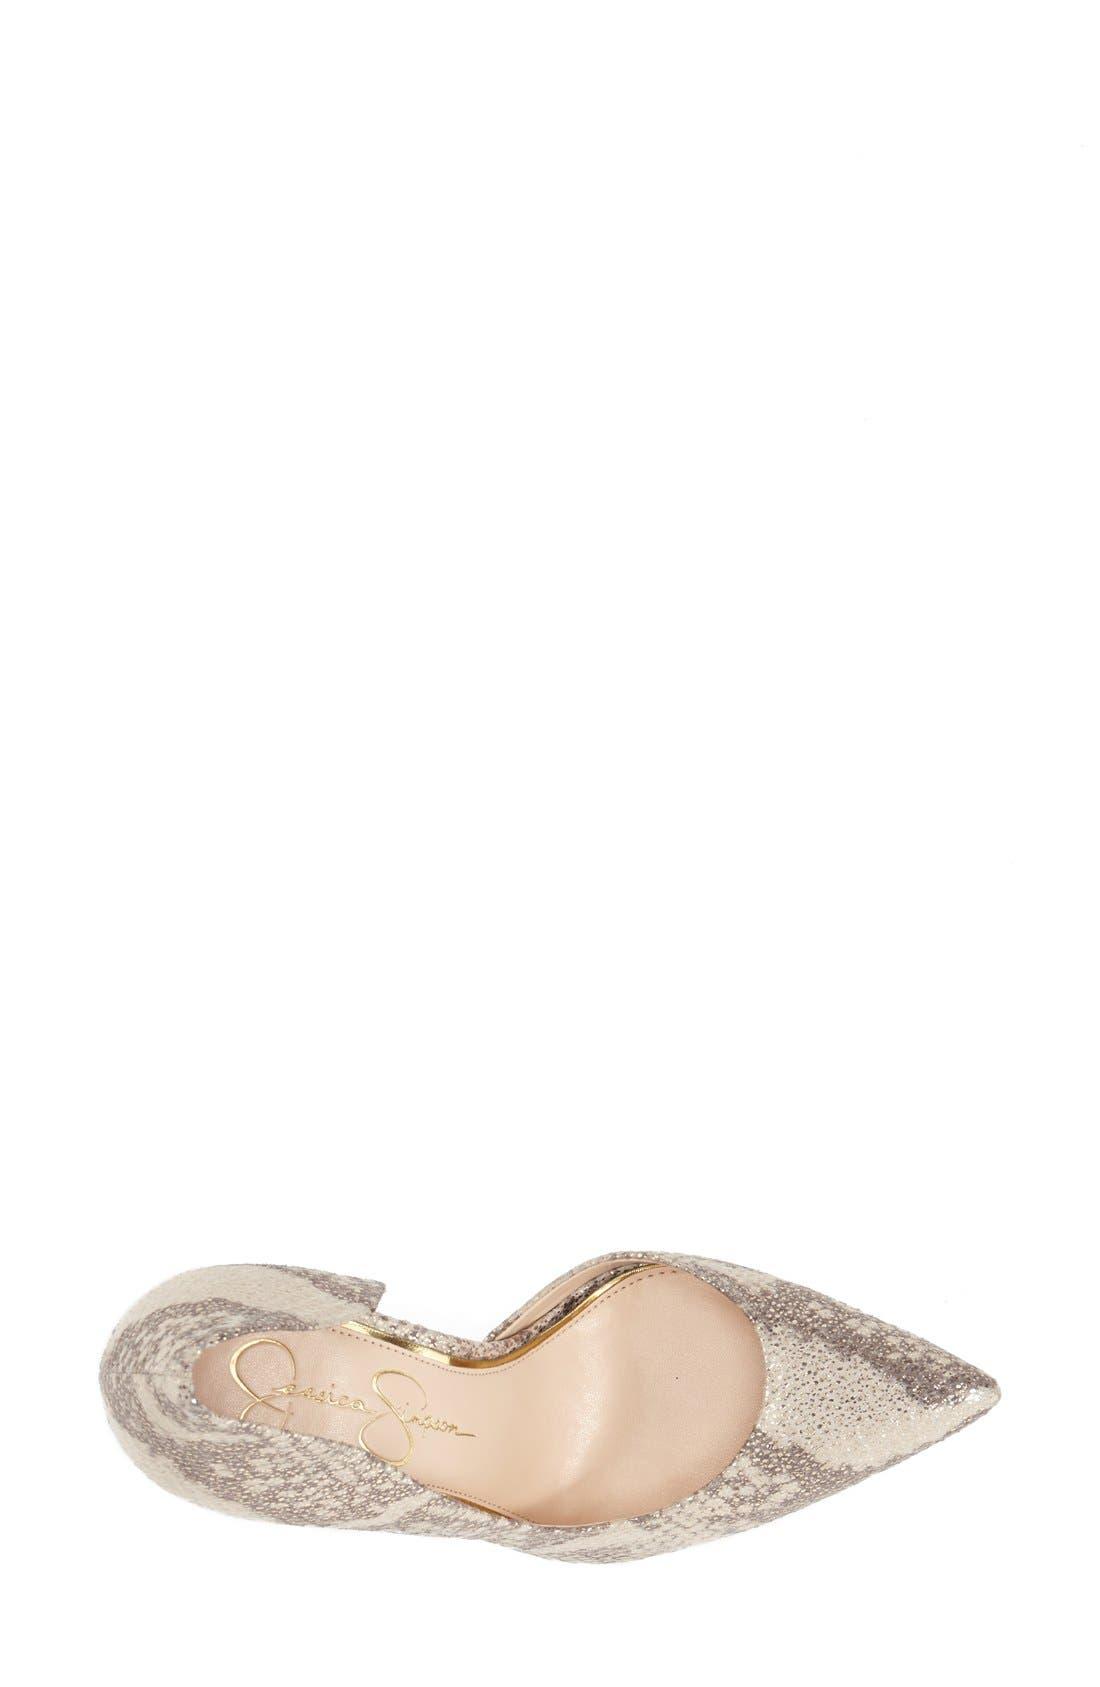 'Claudette' Half d'Orsay Pump,                             Alternate thumbnail 3, color,                             Natural/ Gold